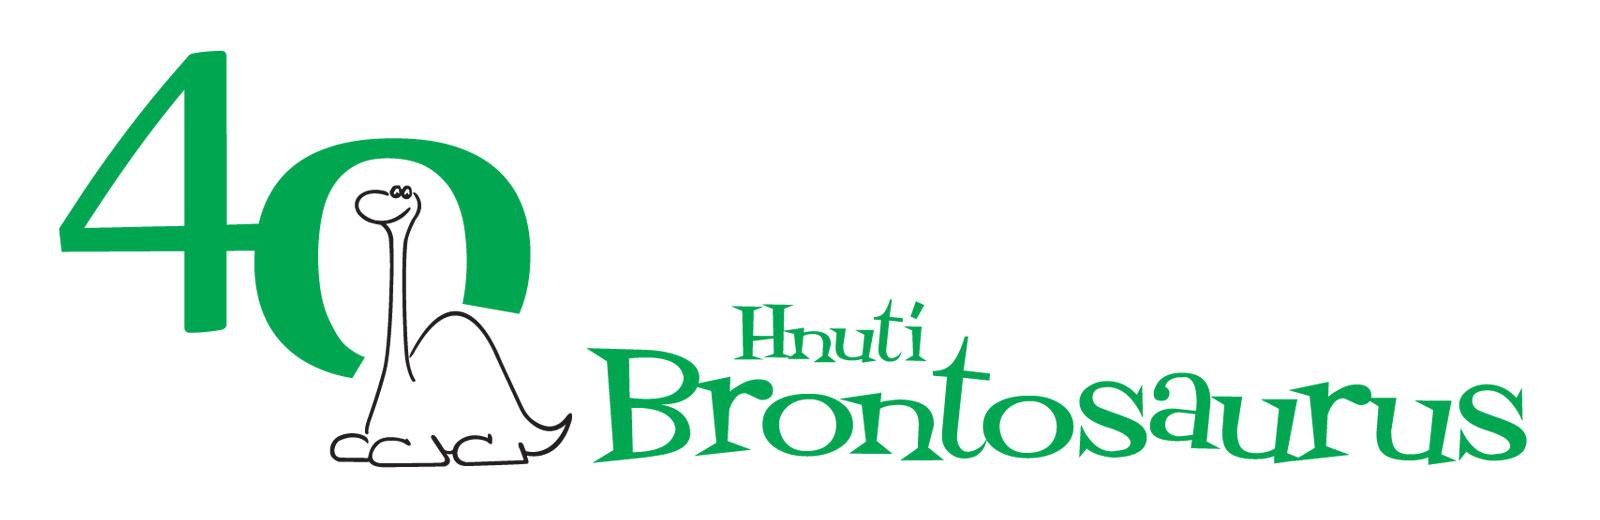 logo Hnutí Brontosaurua